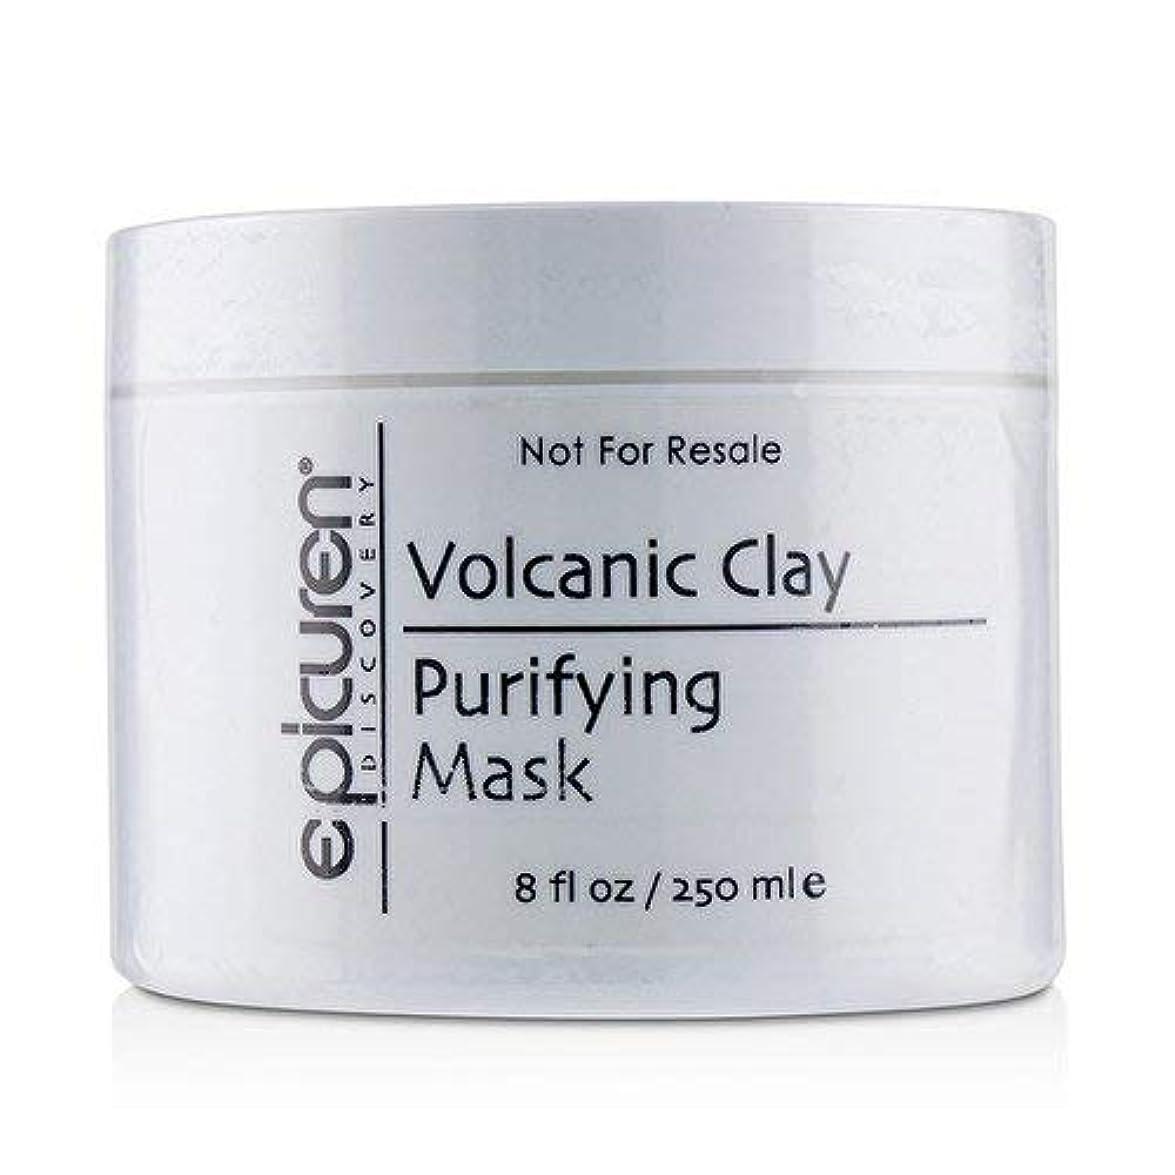 やりがいのあるそうスーパーEpicuren Volcanic Clay Purifying Mask - For Normal, Oily & Congested Skin Types 250ml/8oz並行輸入品